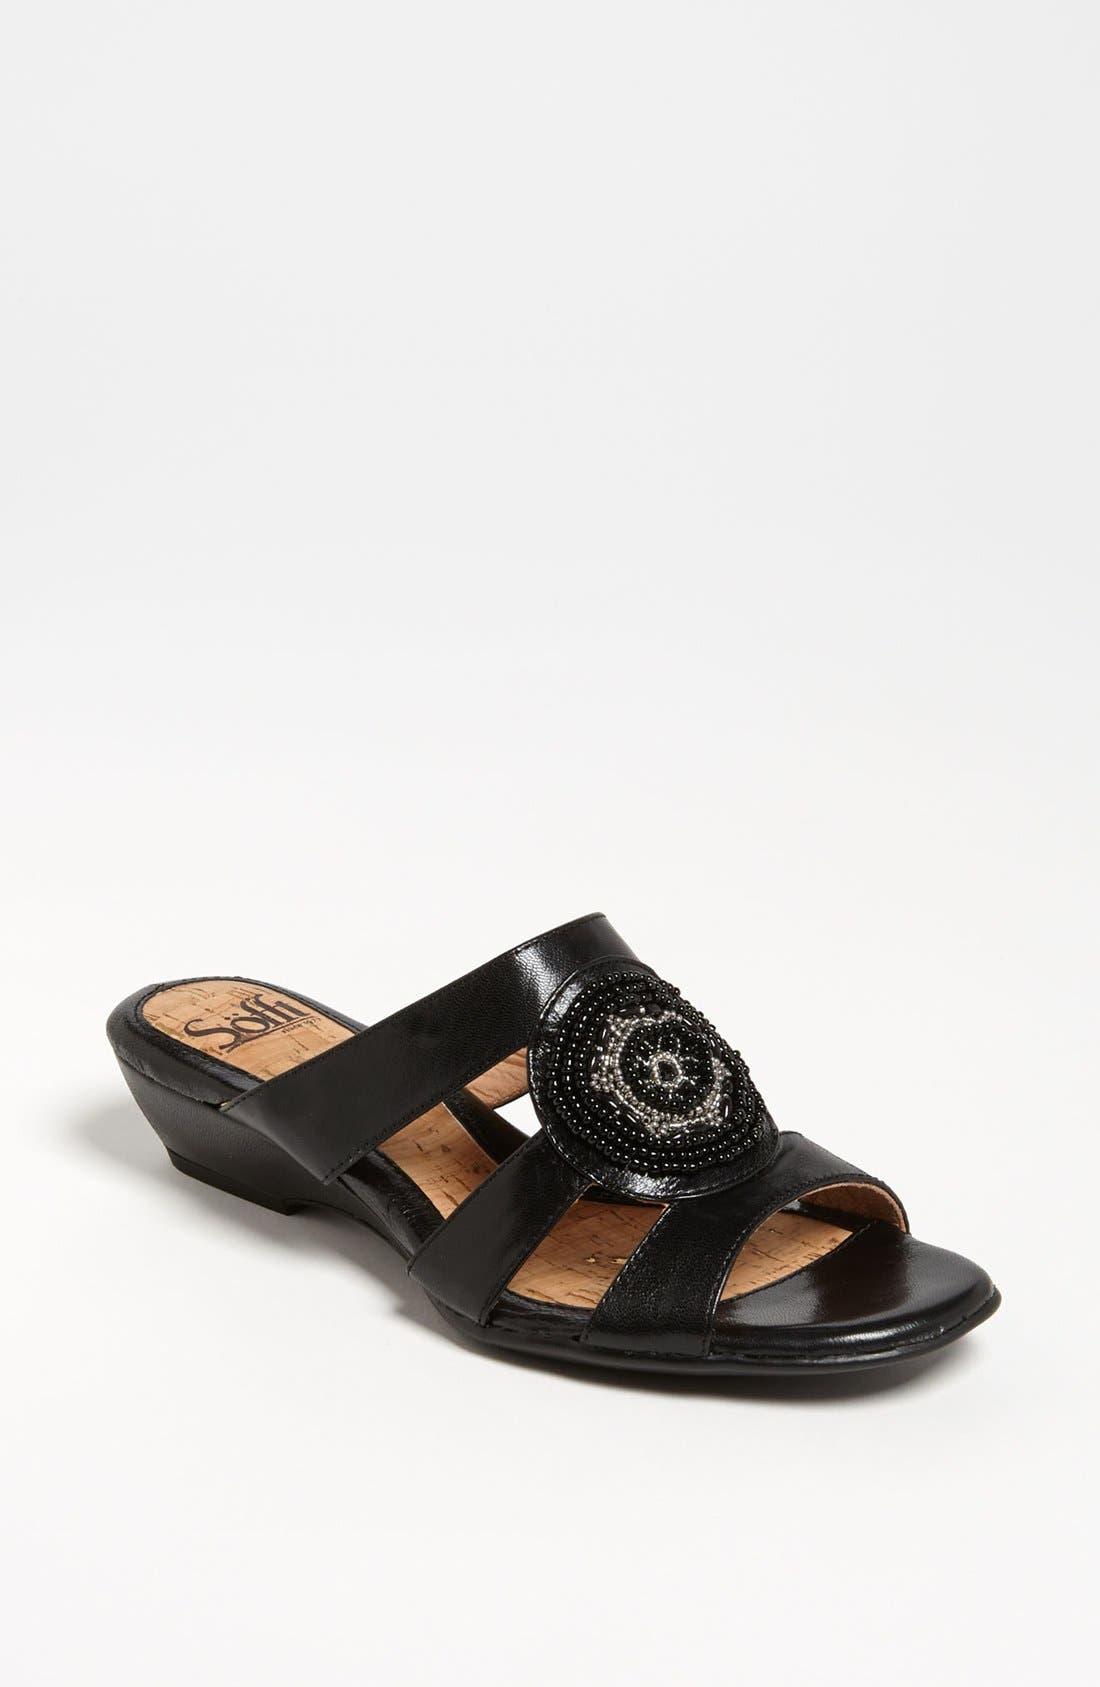 Main Image - Söfft 'Radella' Sandal